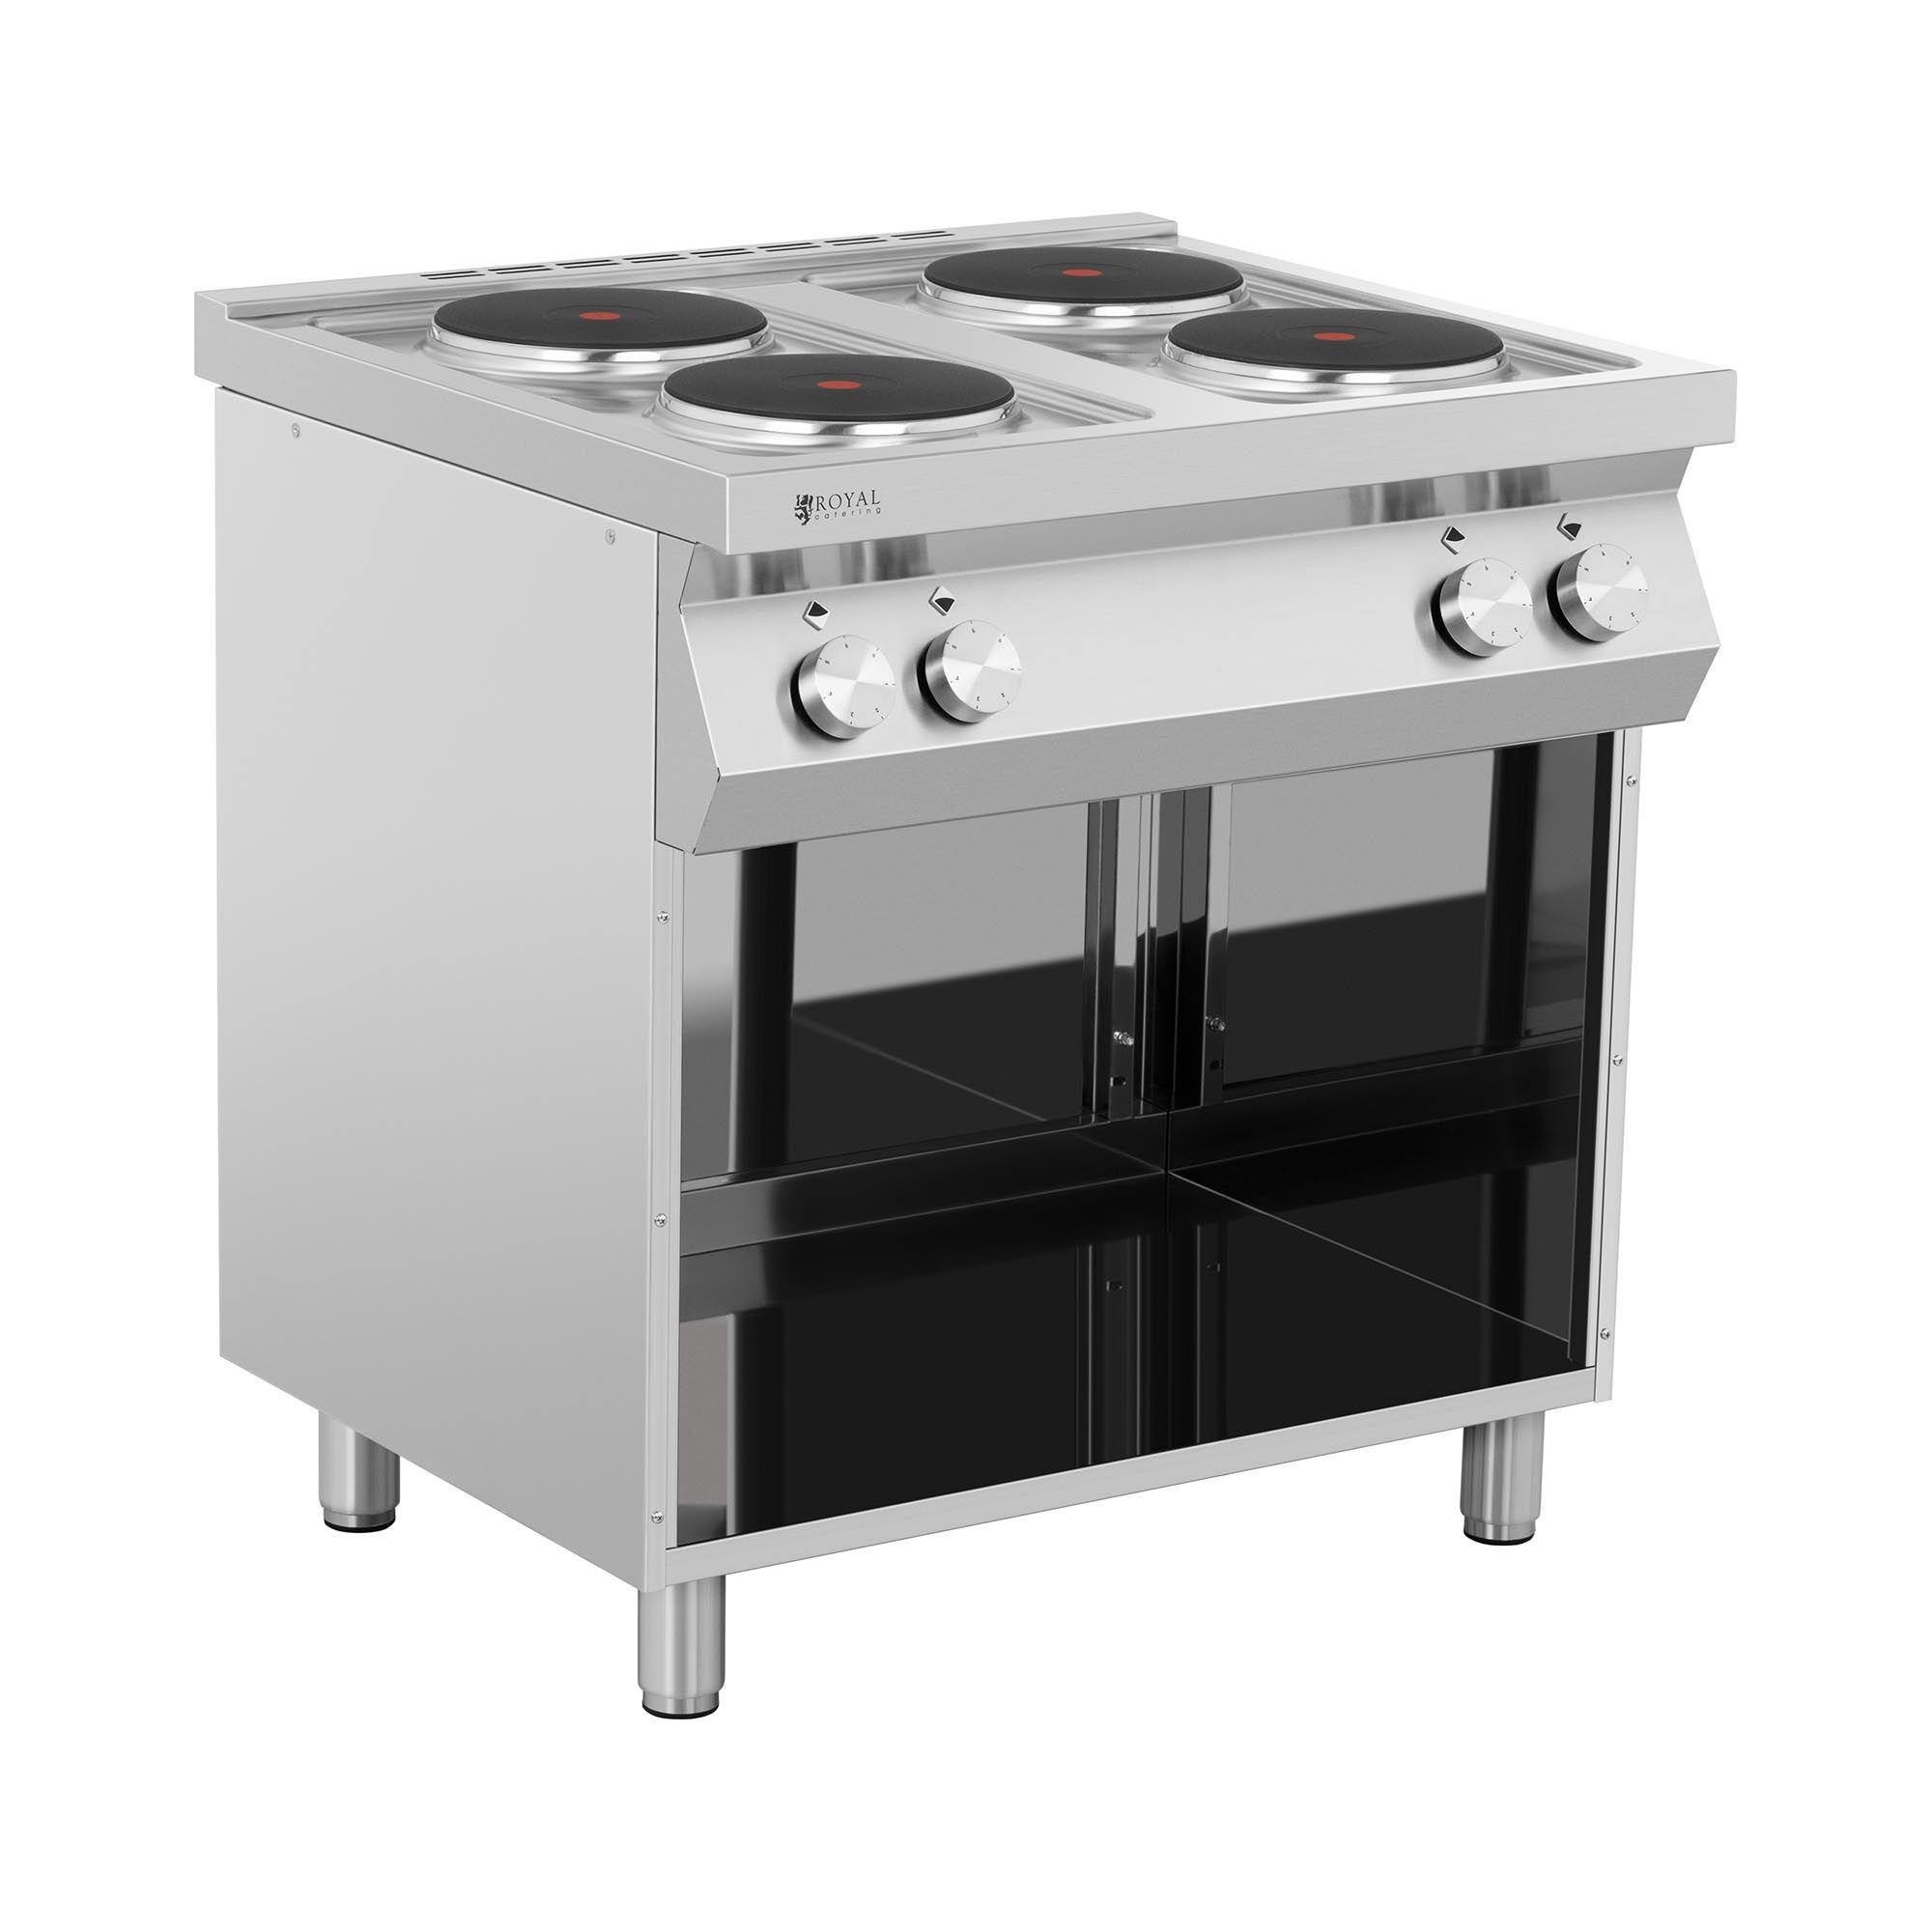 royal catering cucina elettrica professionale - 10.400 w - piano cottura con 4 fornelli - con mobiletto rc-ec4oc